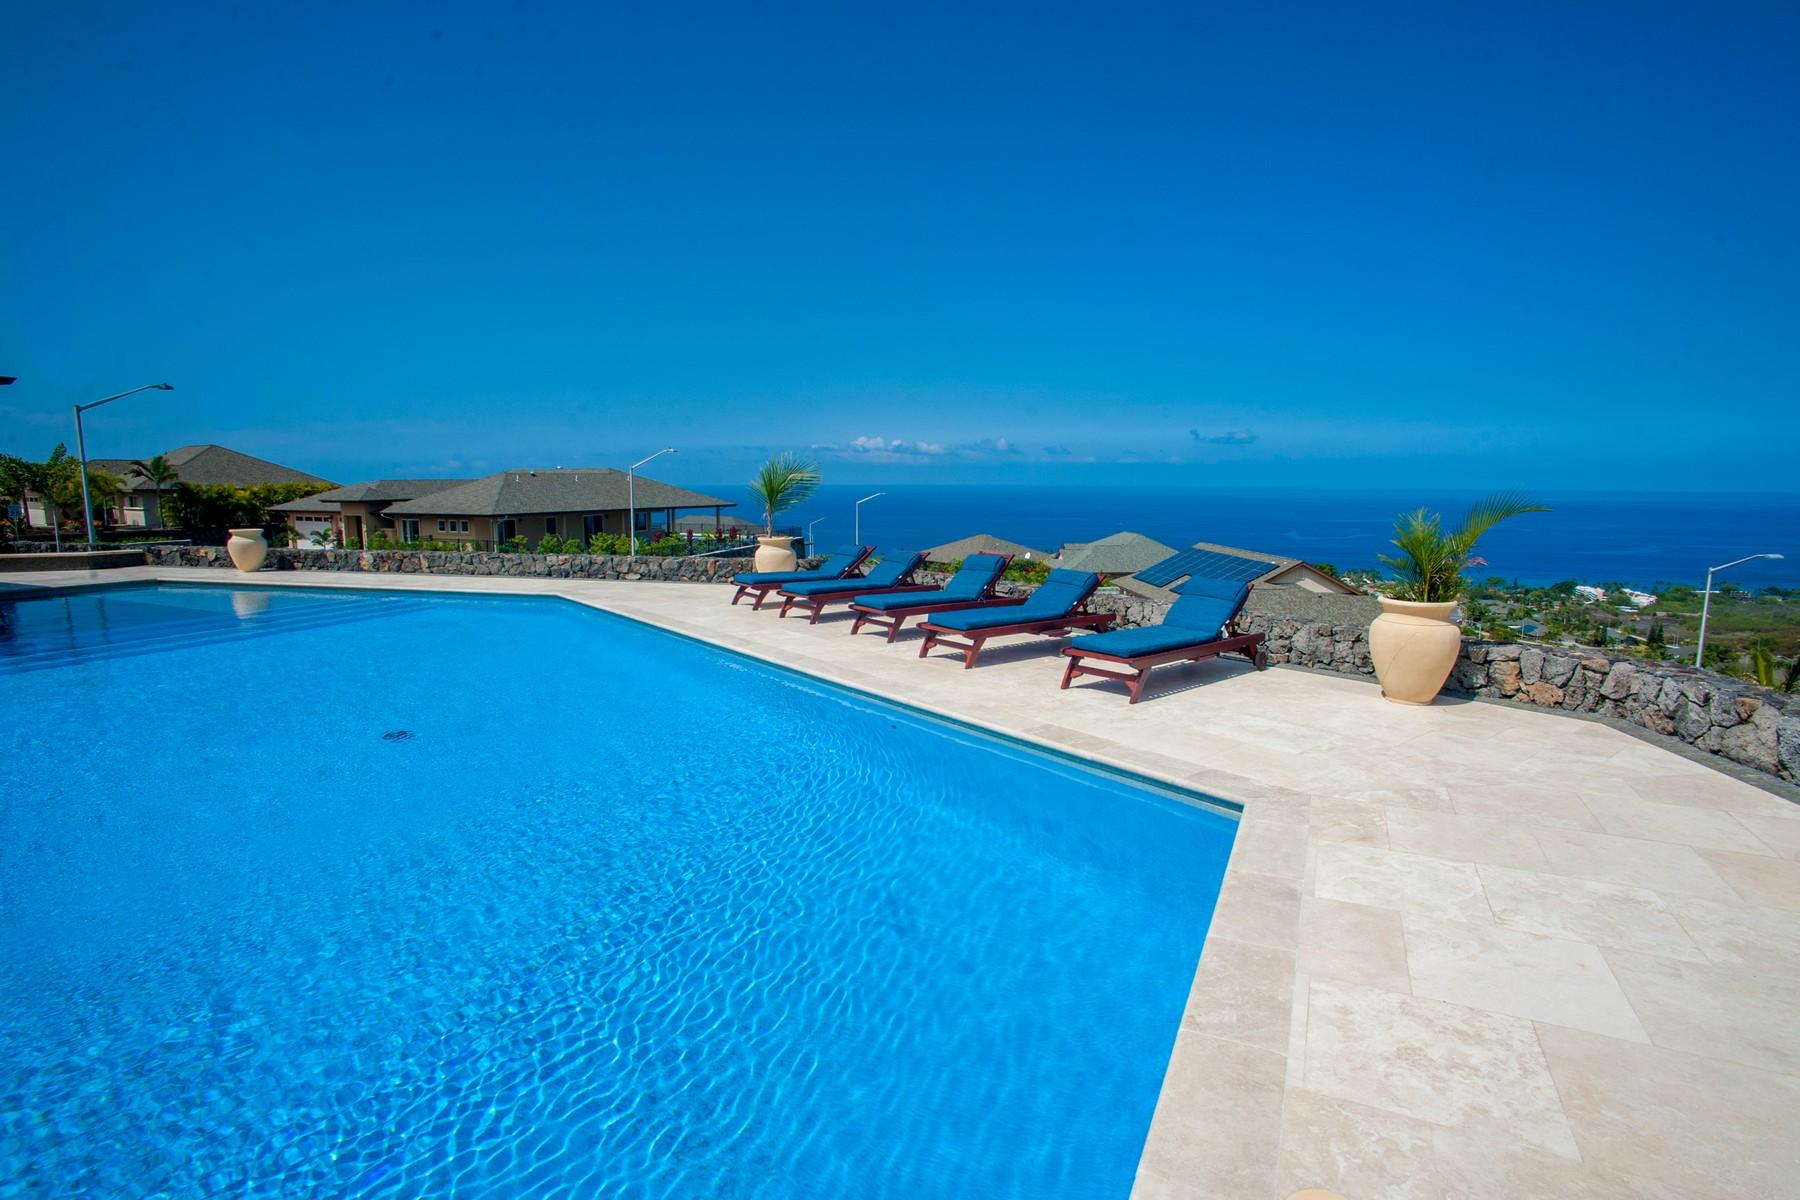 Einfamilienhaus für Verkauf beim Alii Heights 77-316 Hookaana St Kailua-Kona, Hawaii 96740 Vereinigte Staaten